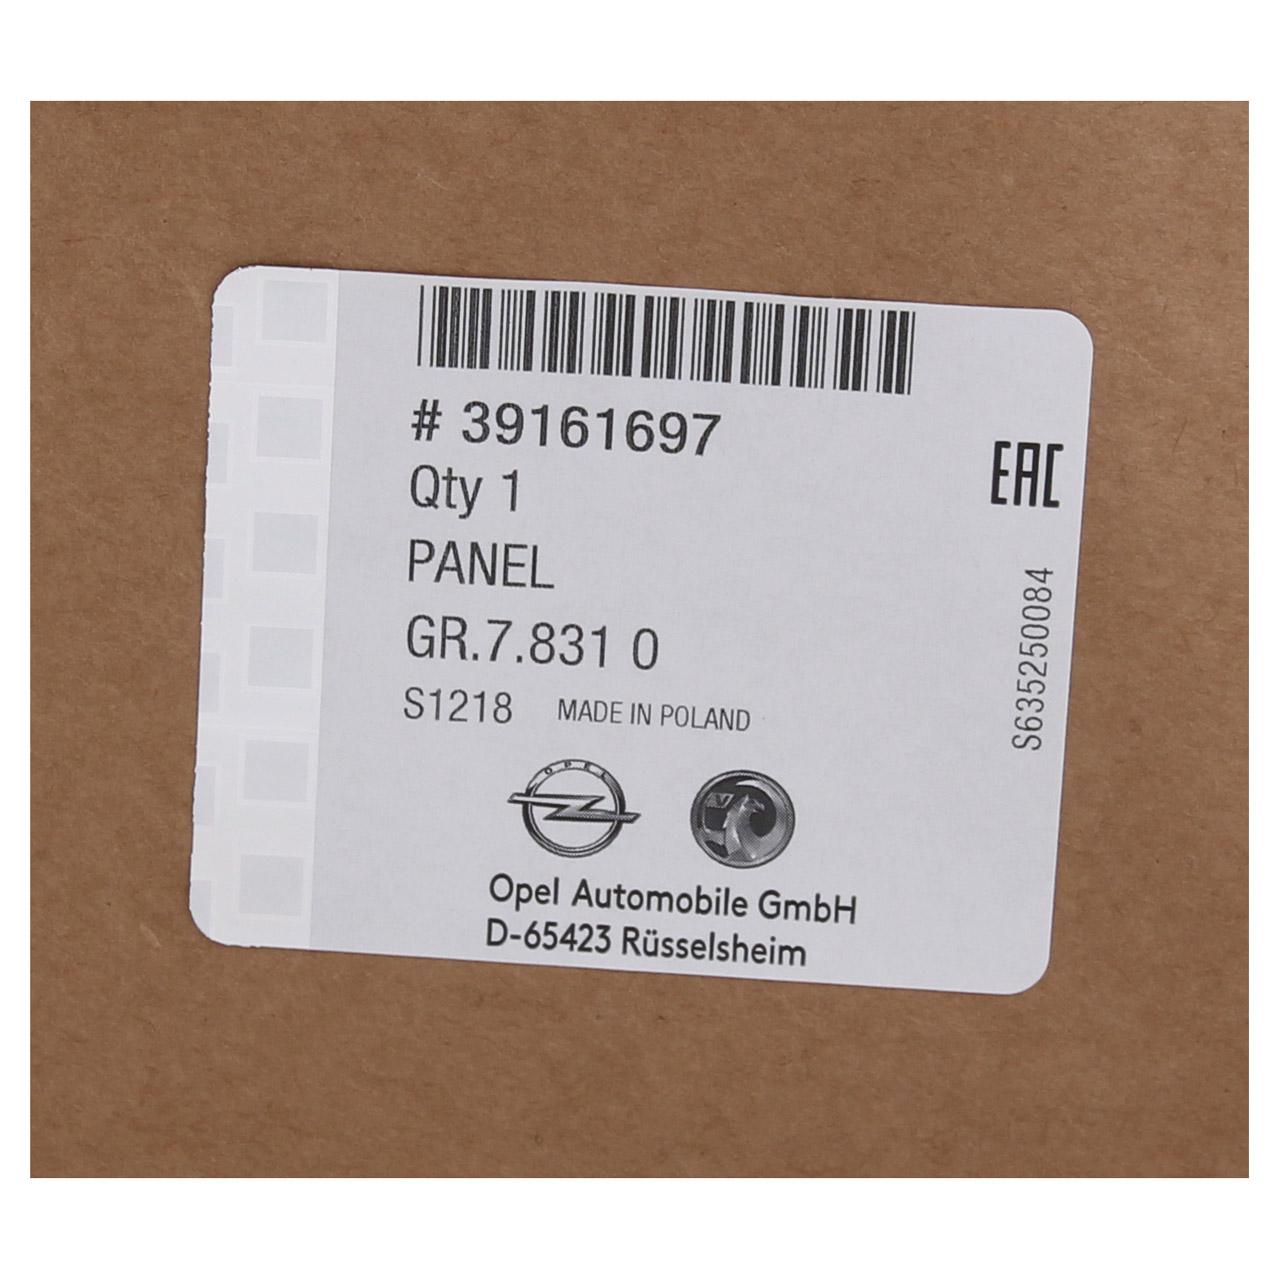 ORIGINAL Opel Stoßstange Stoßfänger HINTEN 39161697 für ASTRA K Schrägheck 5-trg